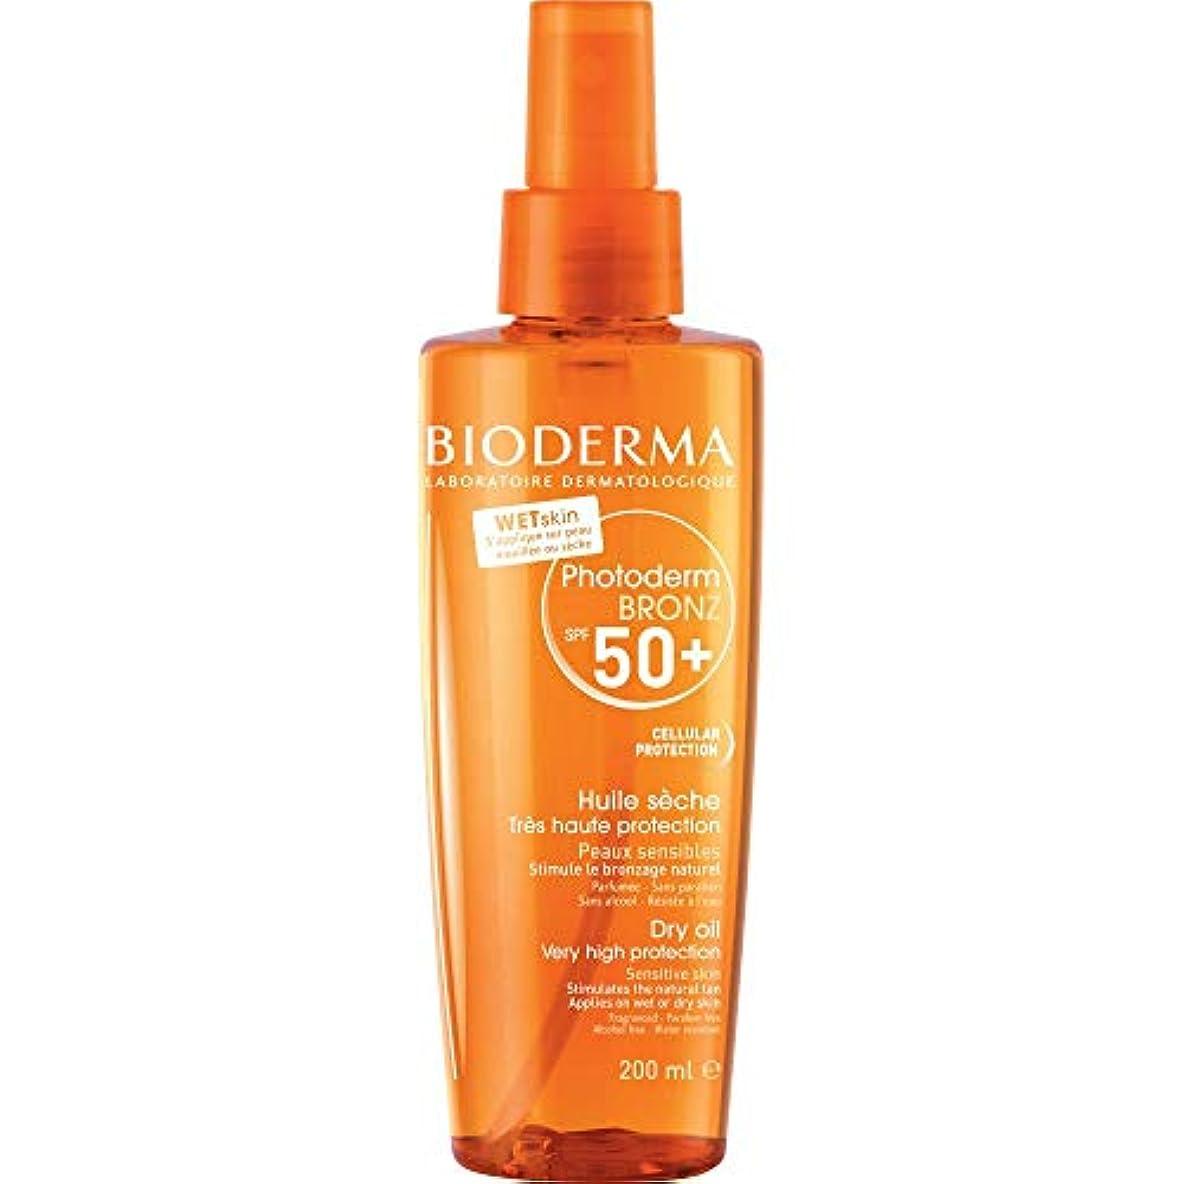 症候群夢牧師[Bioderma] BiodermaのPhotodermのBronz - ドライオイルSpf50の200ミリリットル - Bioderma Photoderm Bronz - Dry Oil SPF50 200ml [...